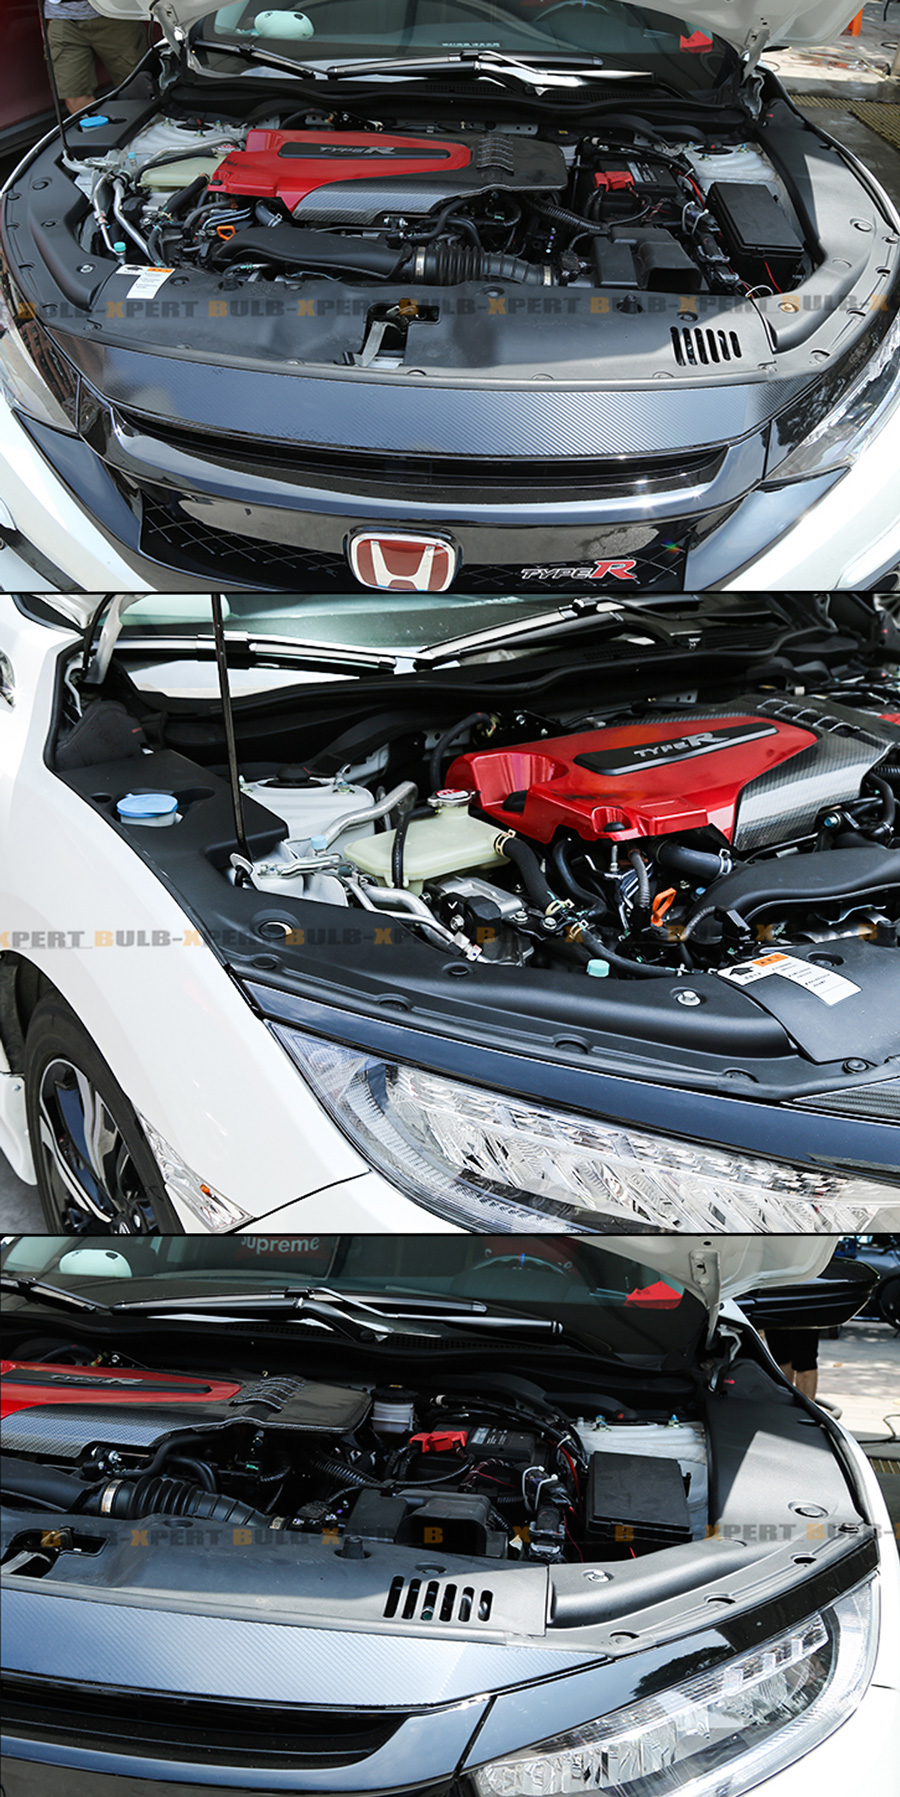 Egsc Civ Pc Long Bk P Bx on Honda Civic Si Engine